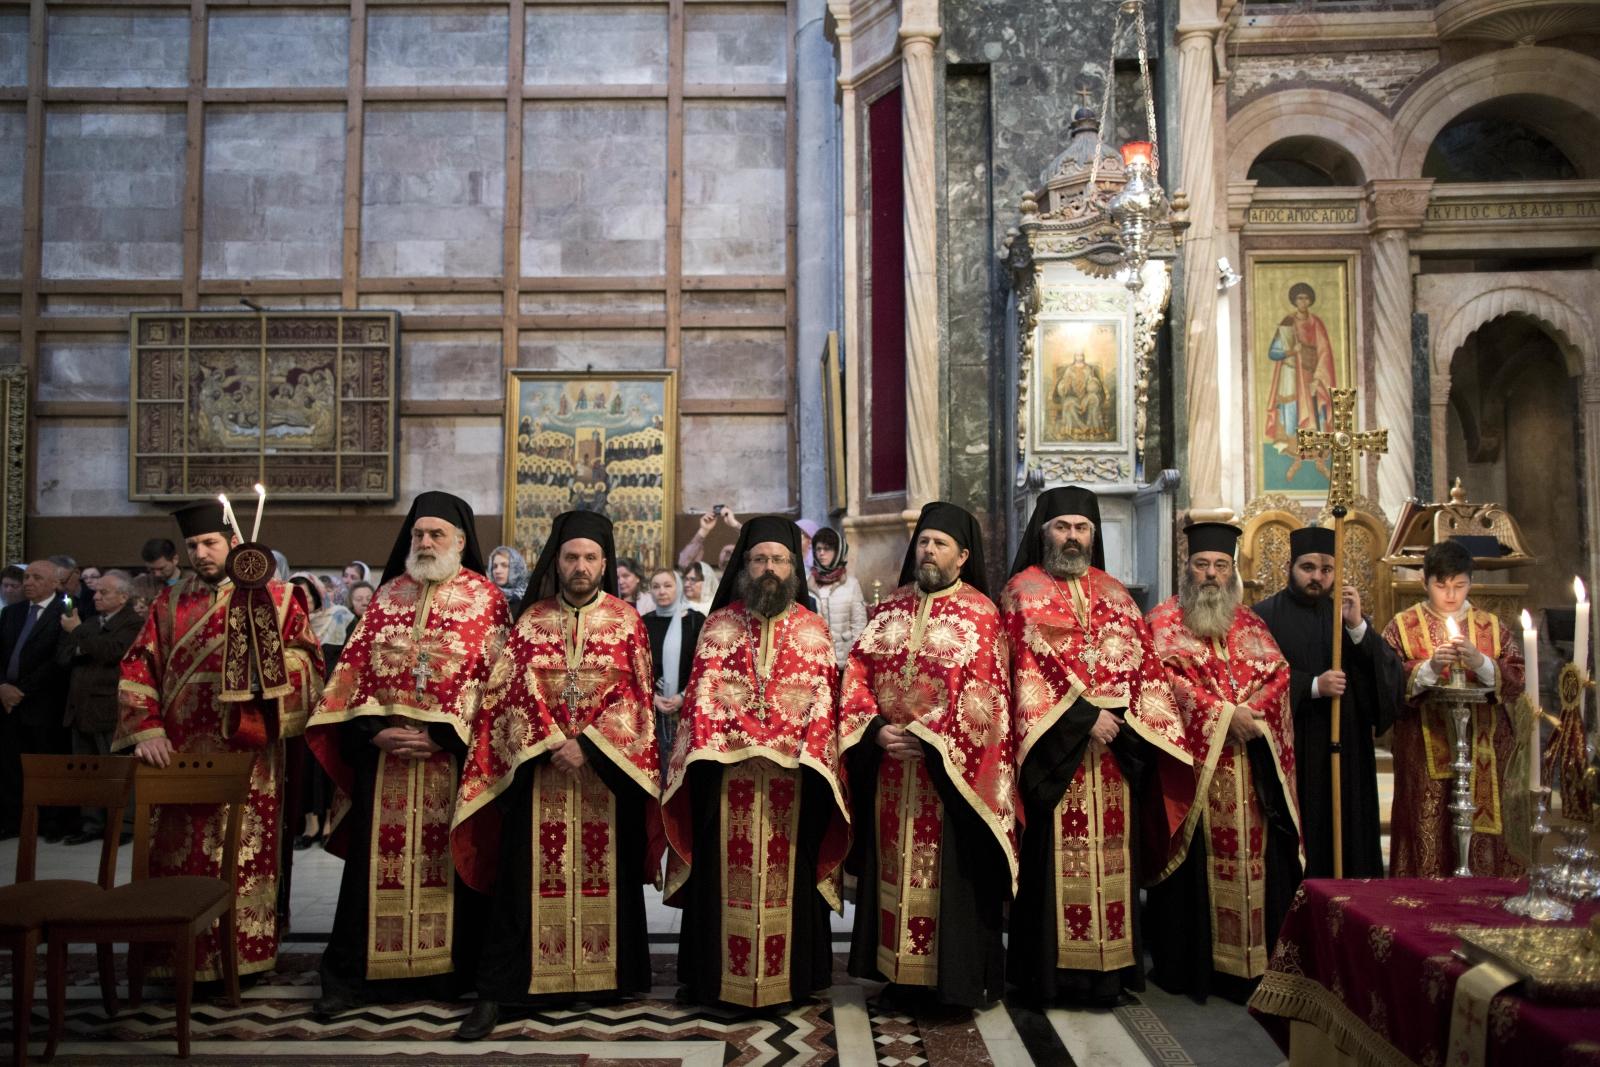 Greccy mnisi prawosławni w trakcie mszy w kaplicy Groby Bożego w Jerozolimie, Izrael.